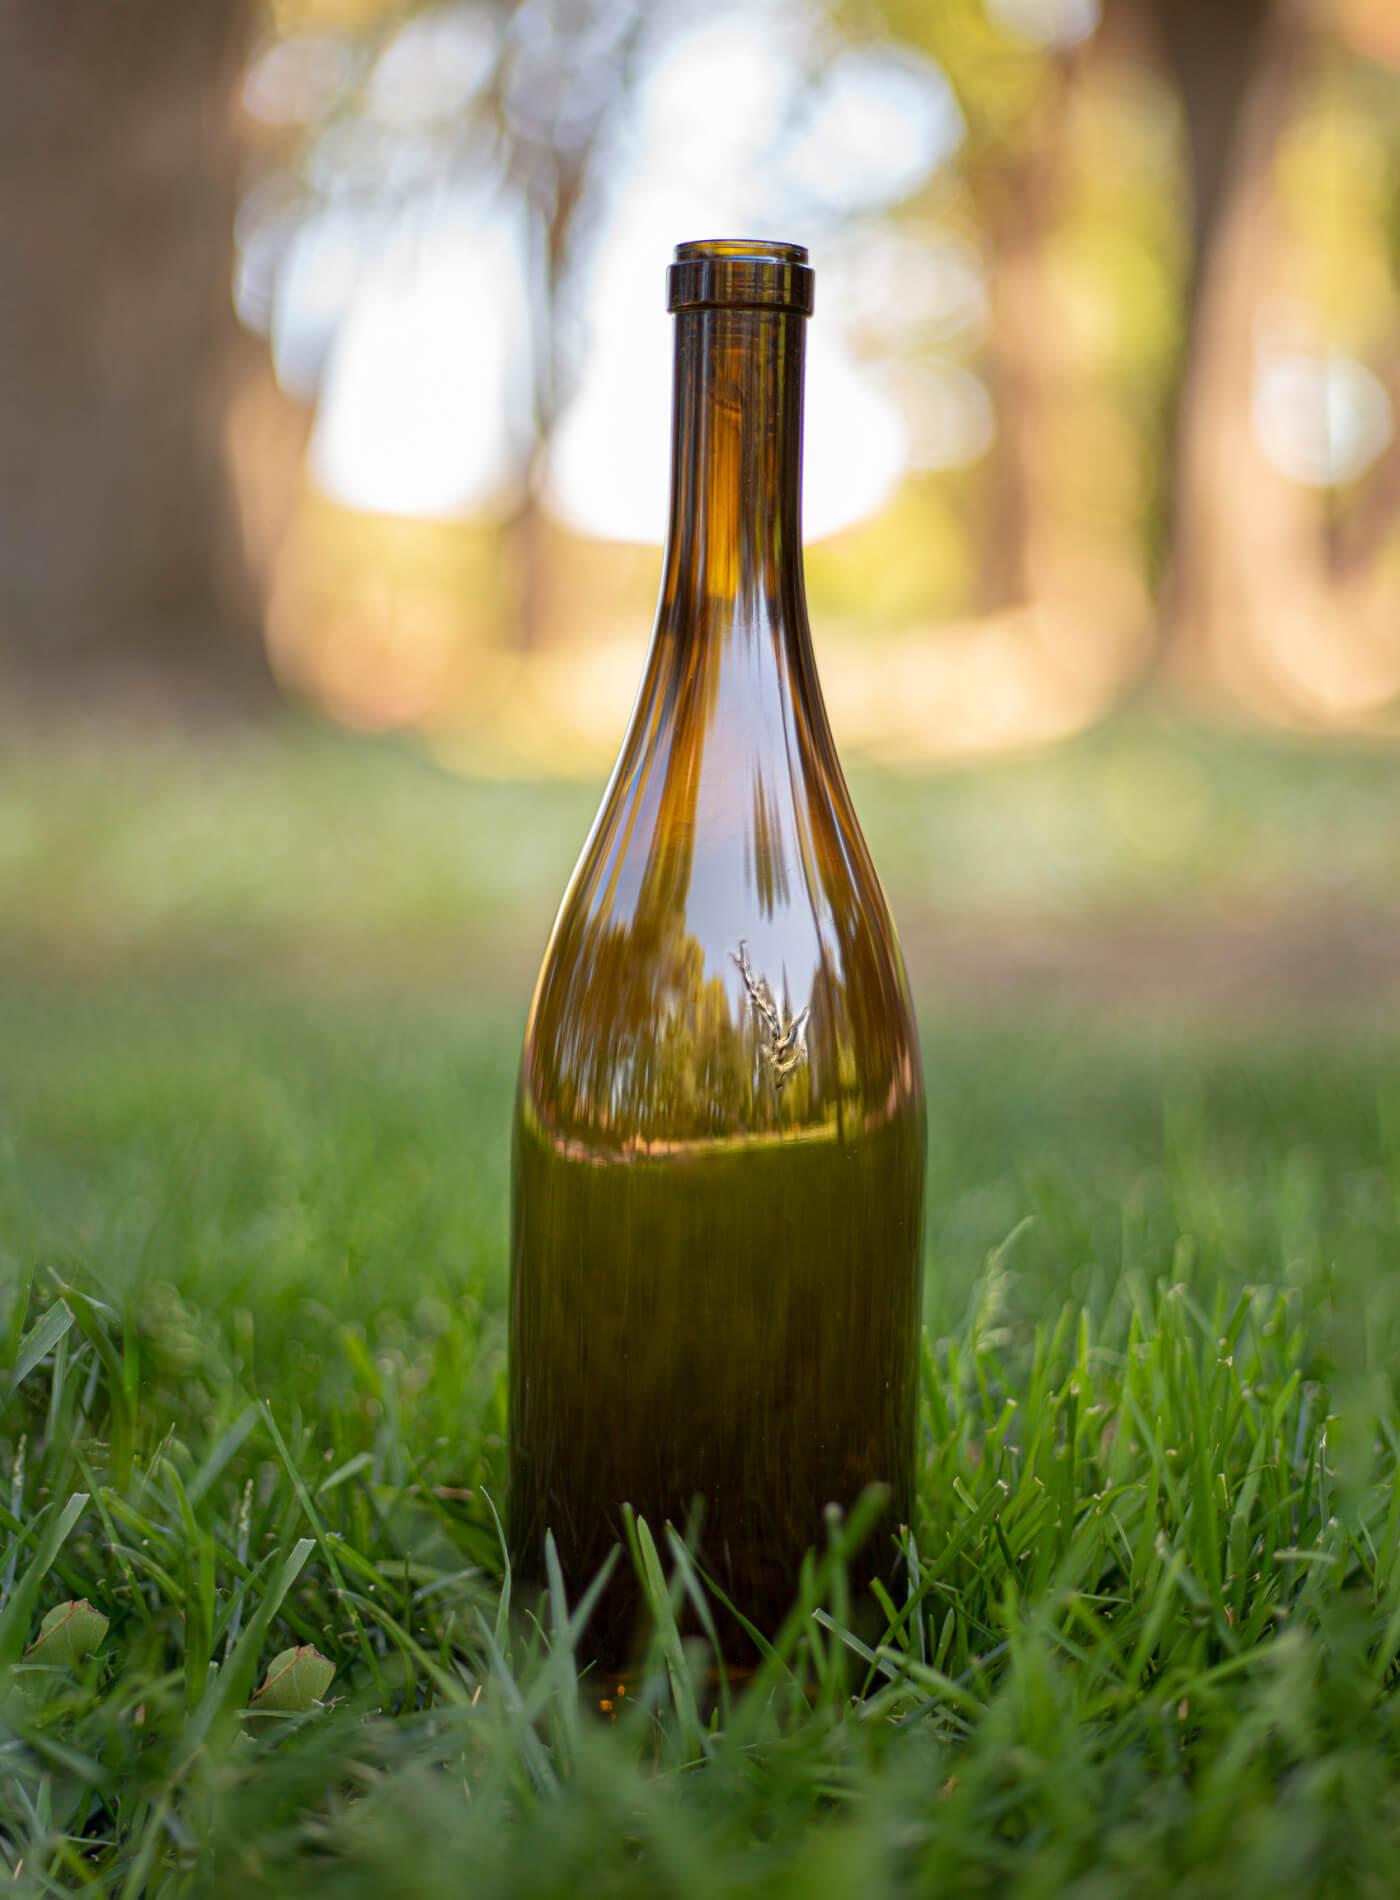 Verre Vert Sustainable and Cost-Effective Wine Bottle